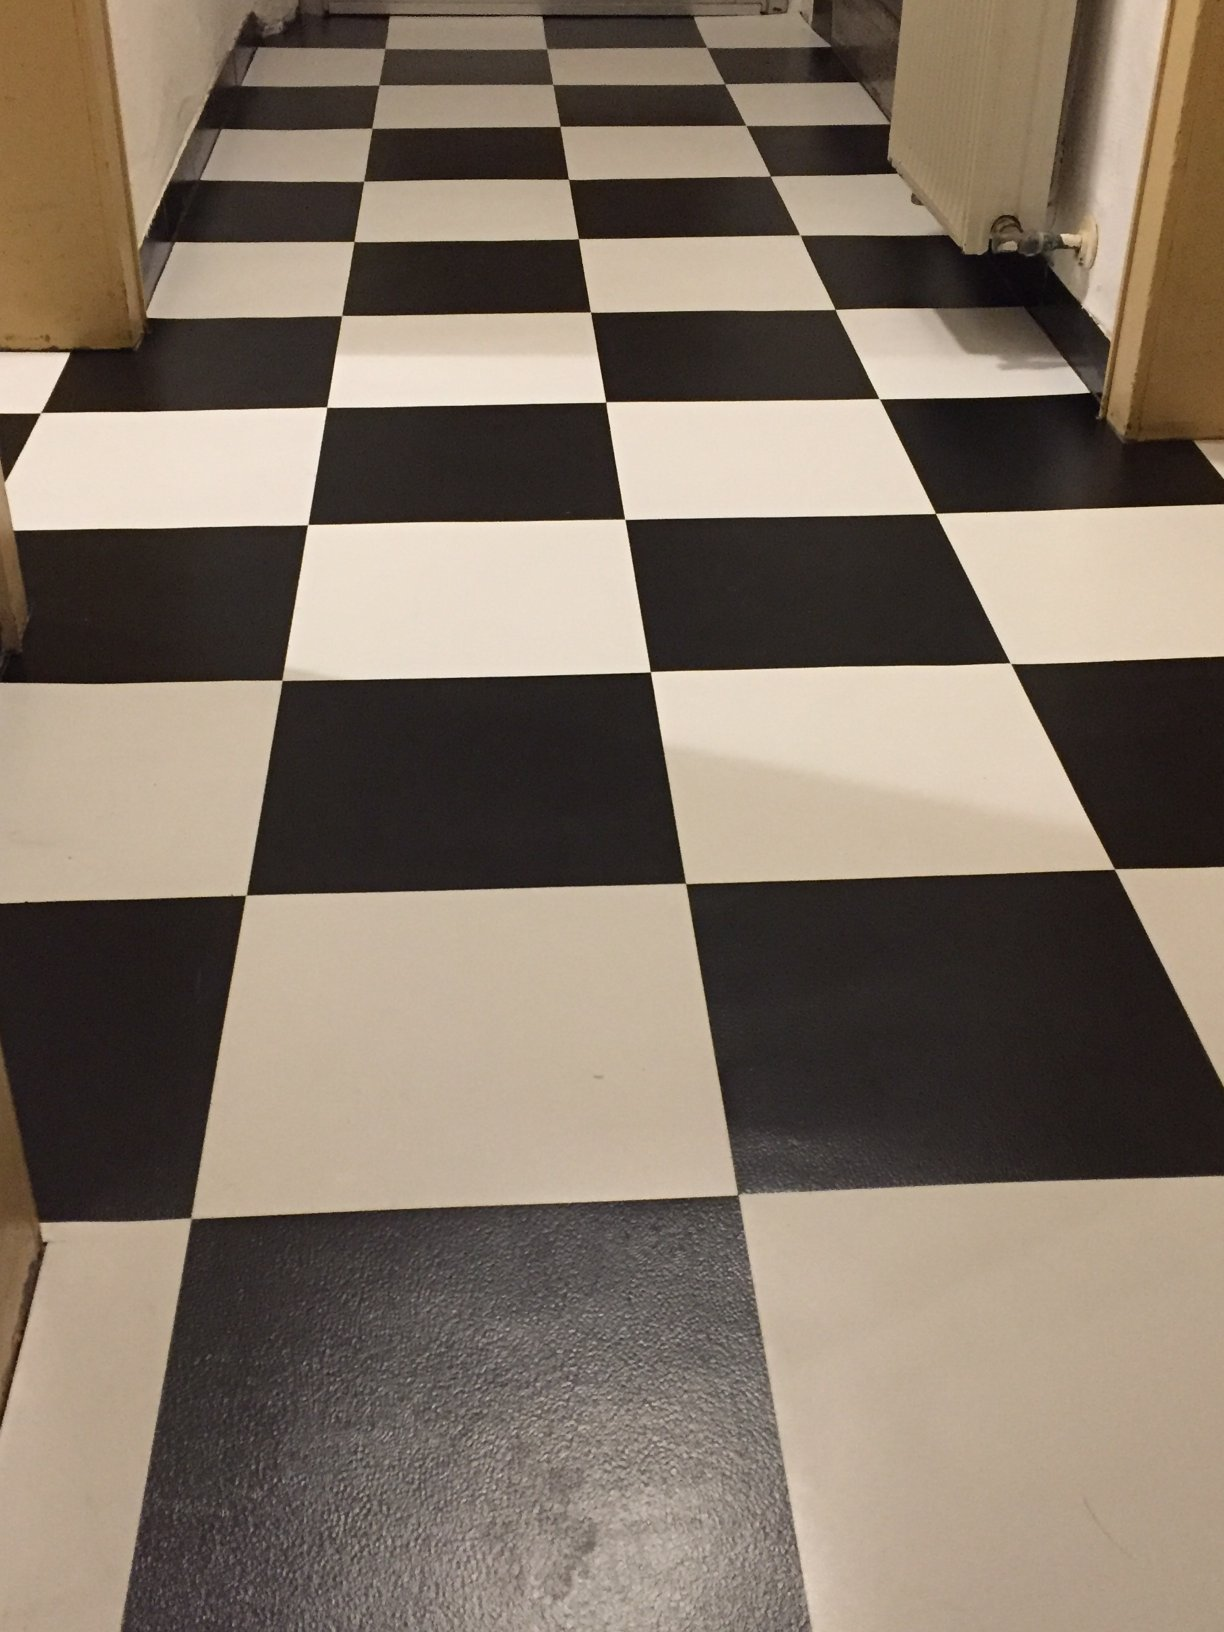 Beliebt Selbstklebende Vinyl Fliesen auf Fußboden verlegen VQ73